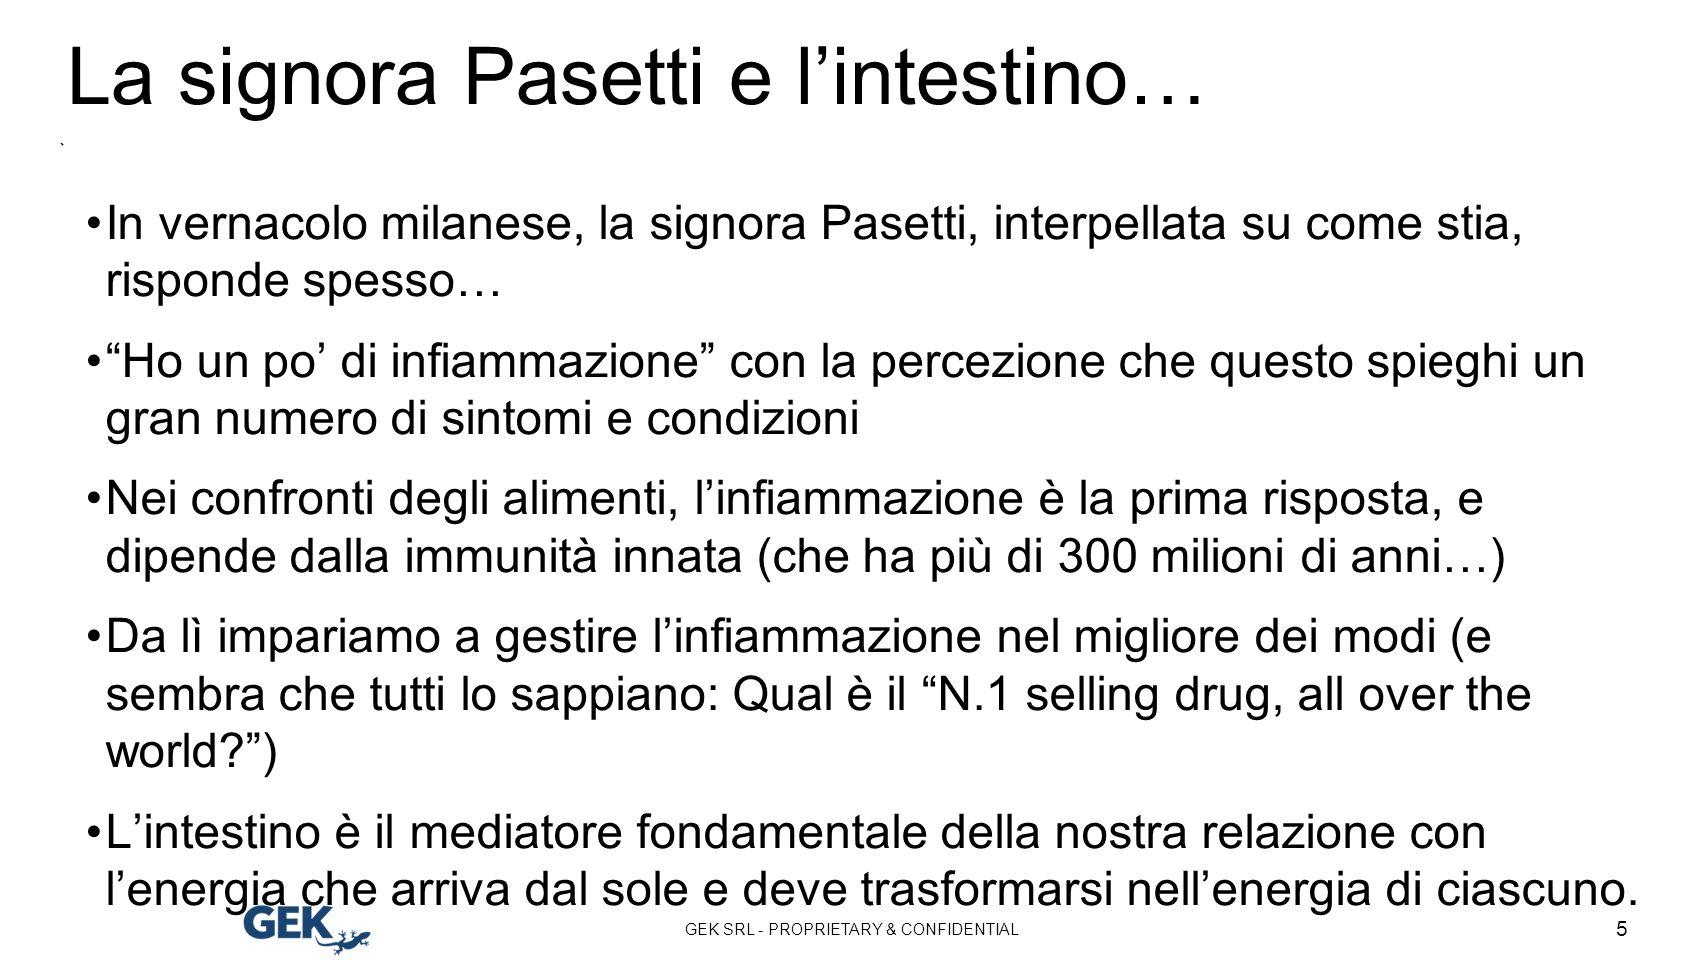 La signora Pasetti e l'intestino…